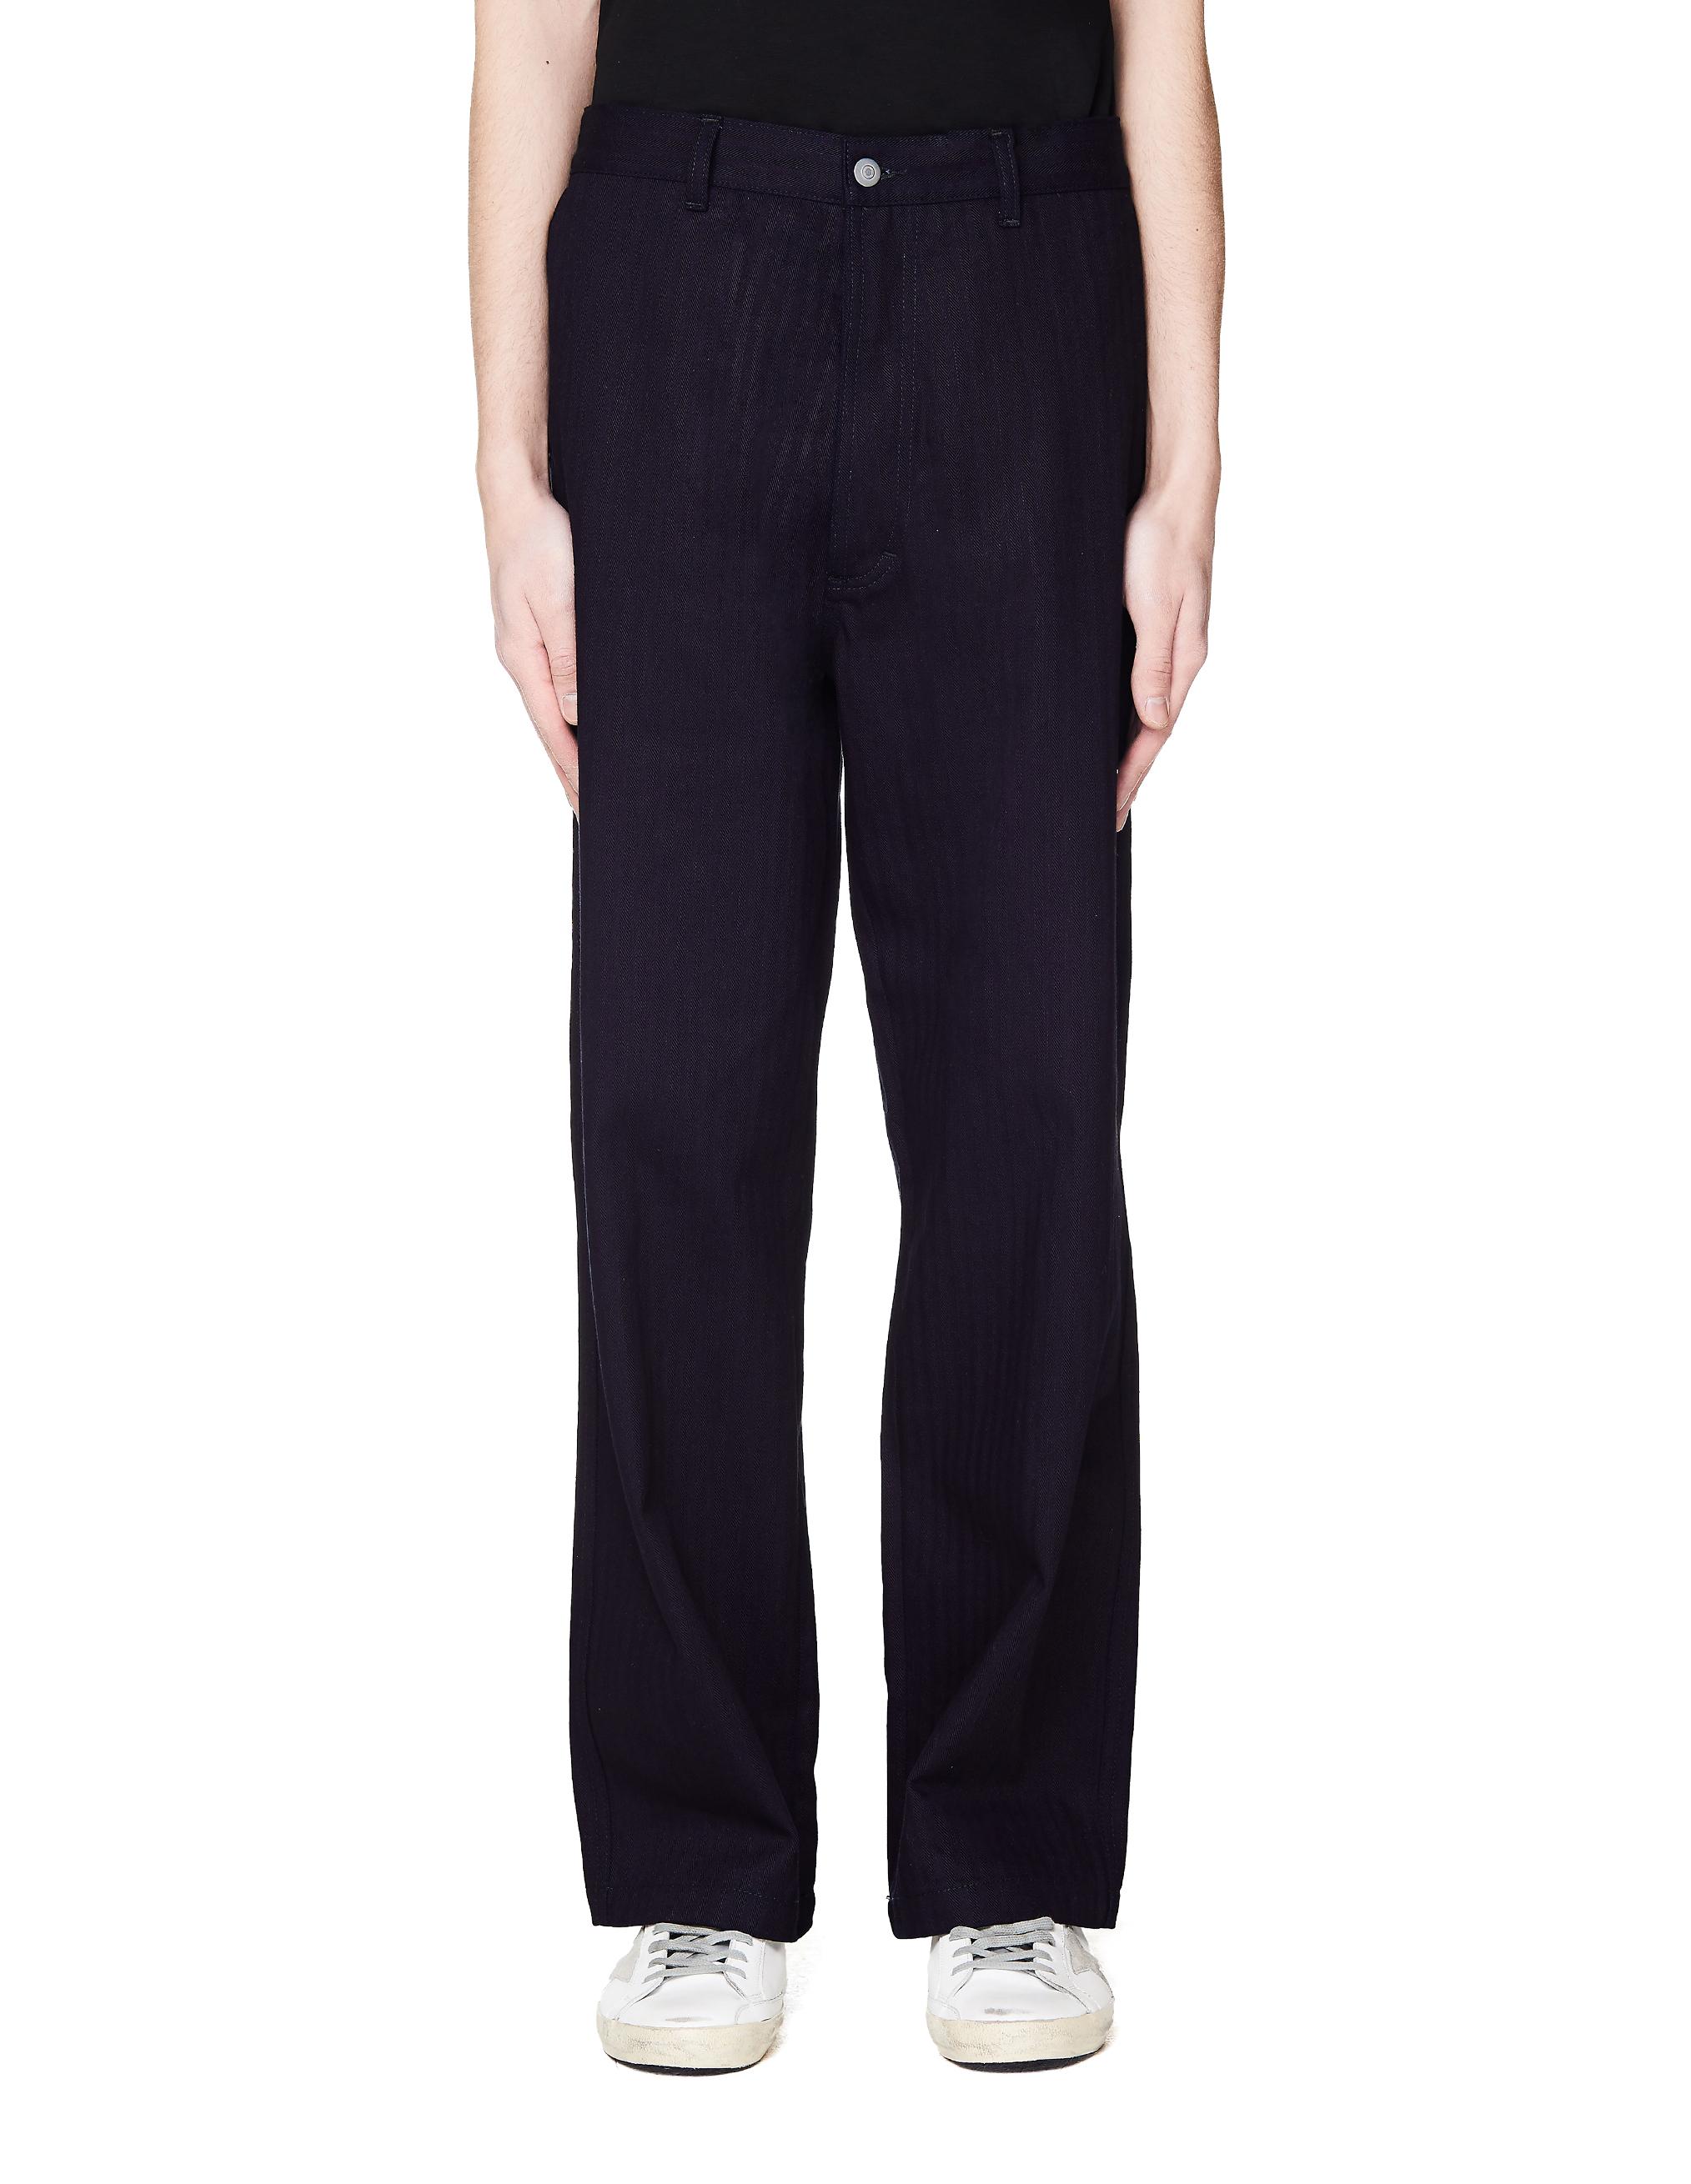 Maison Margiela Navy Blue Cotton Jeans